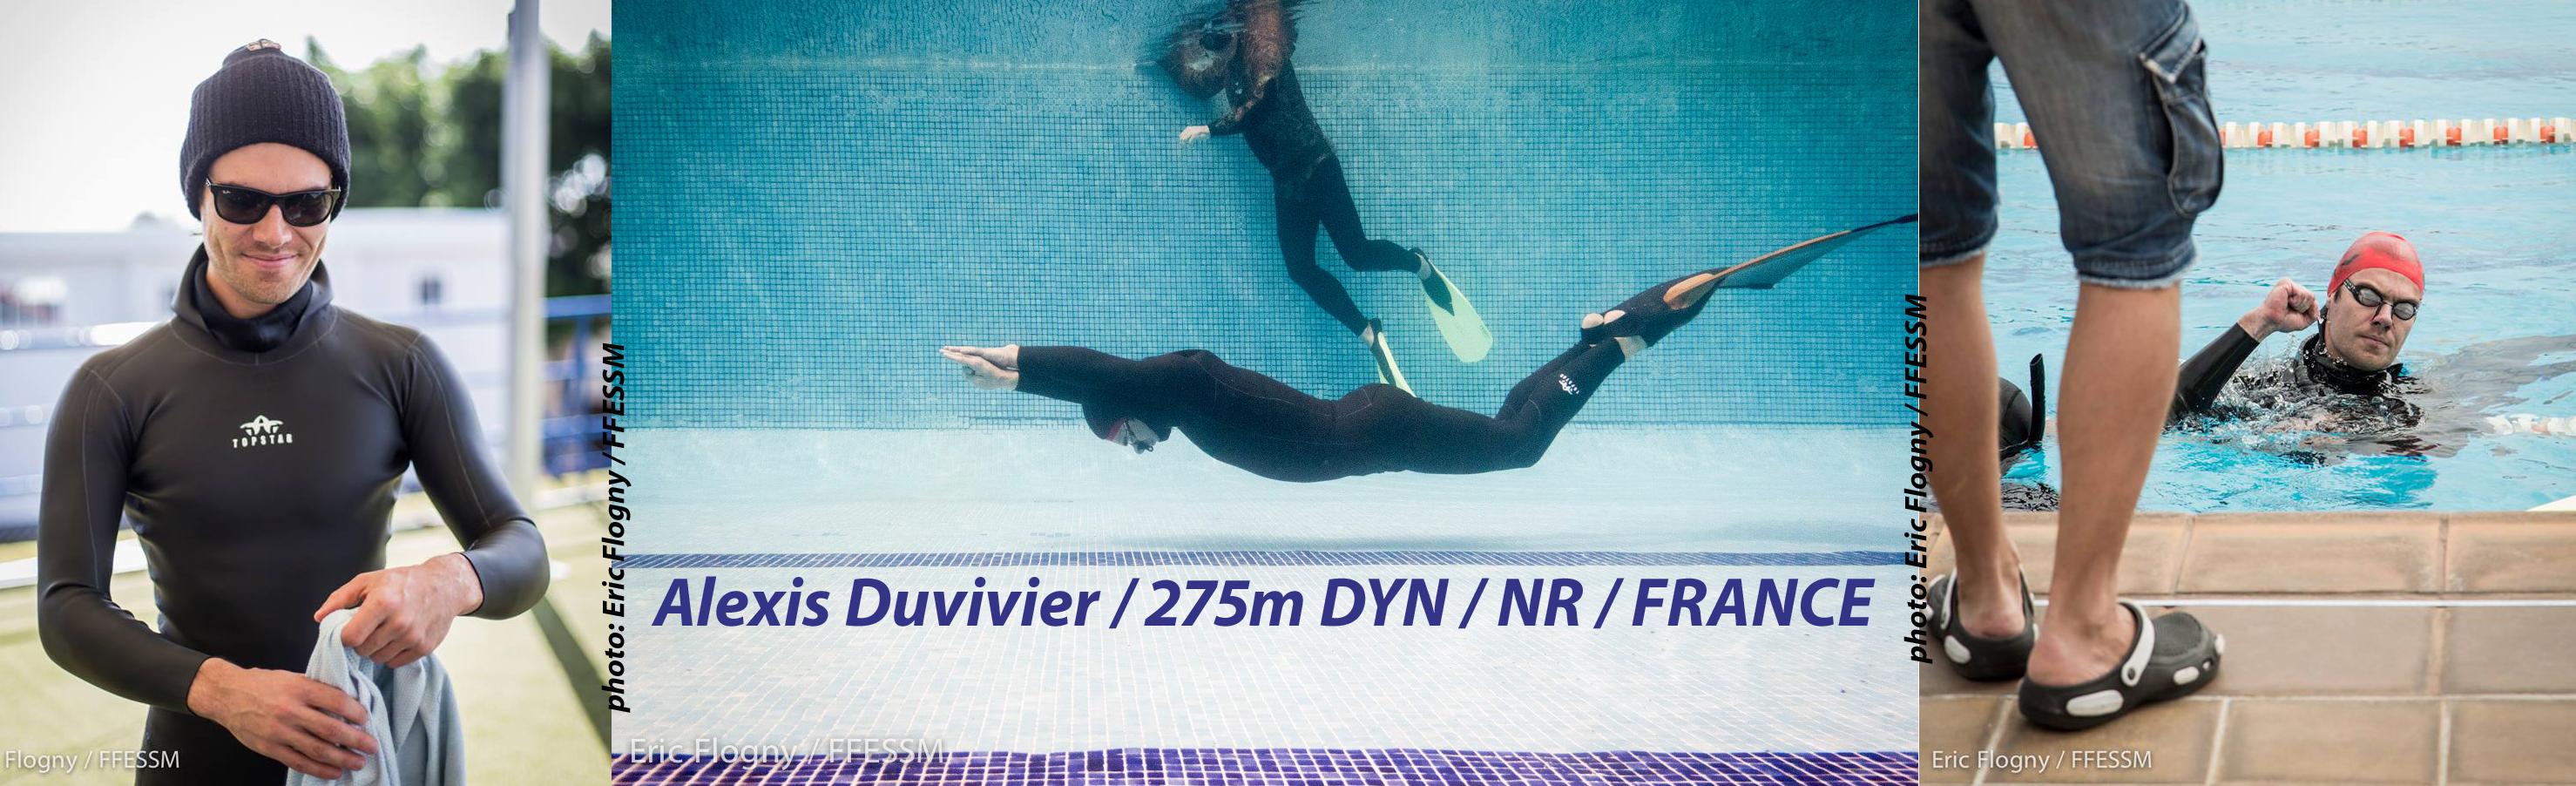 photos : Eric Flogny pour la FFESSM montage : France Apnée